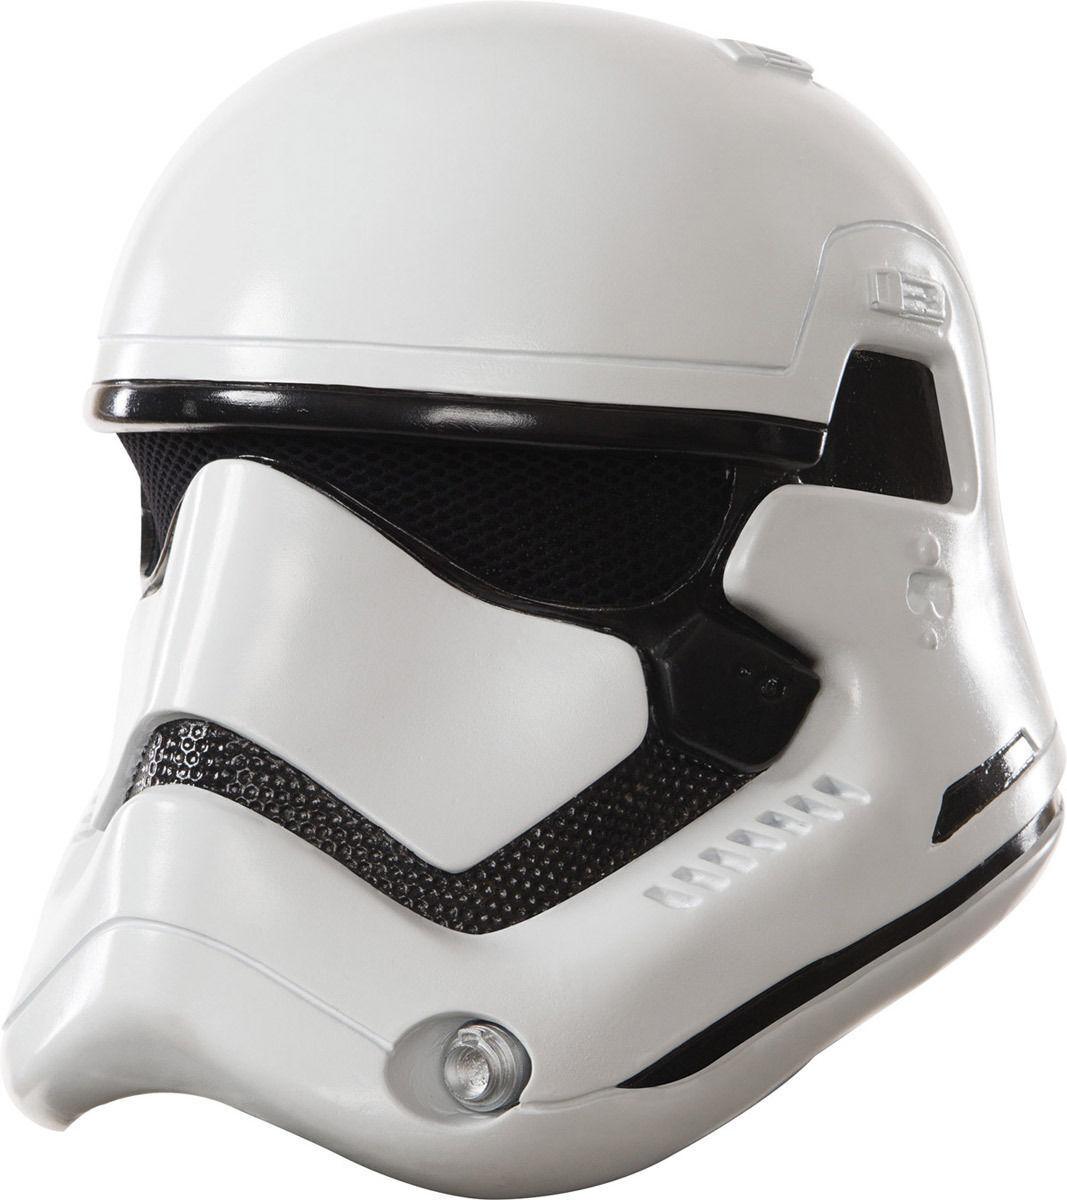 Morris Costumes Kids Unisex Star Wars Stormtrooper Costume White Helmet. RU32296